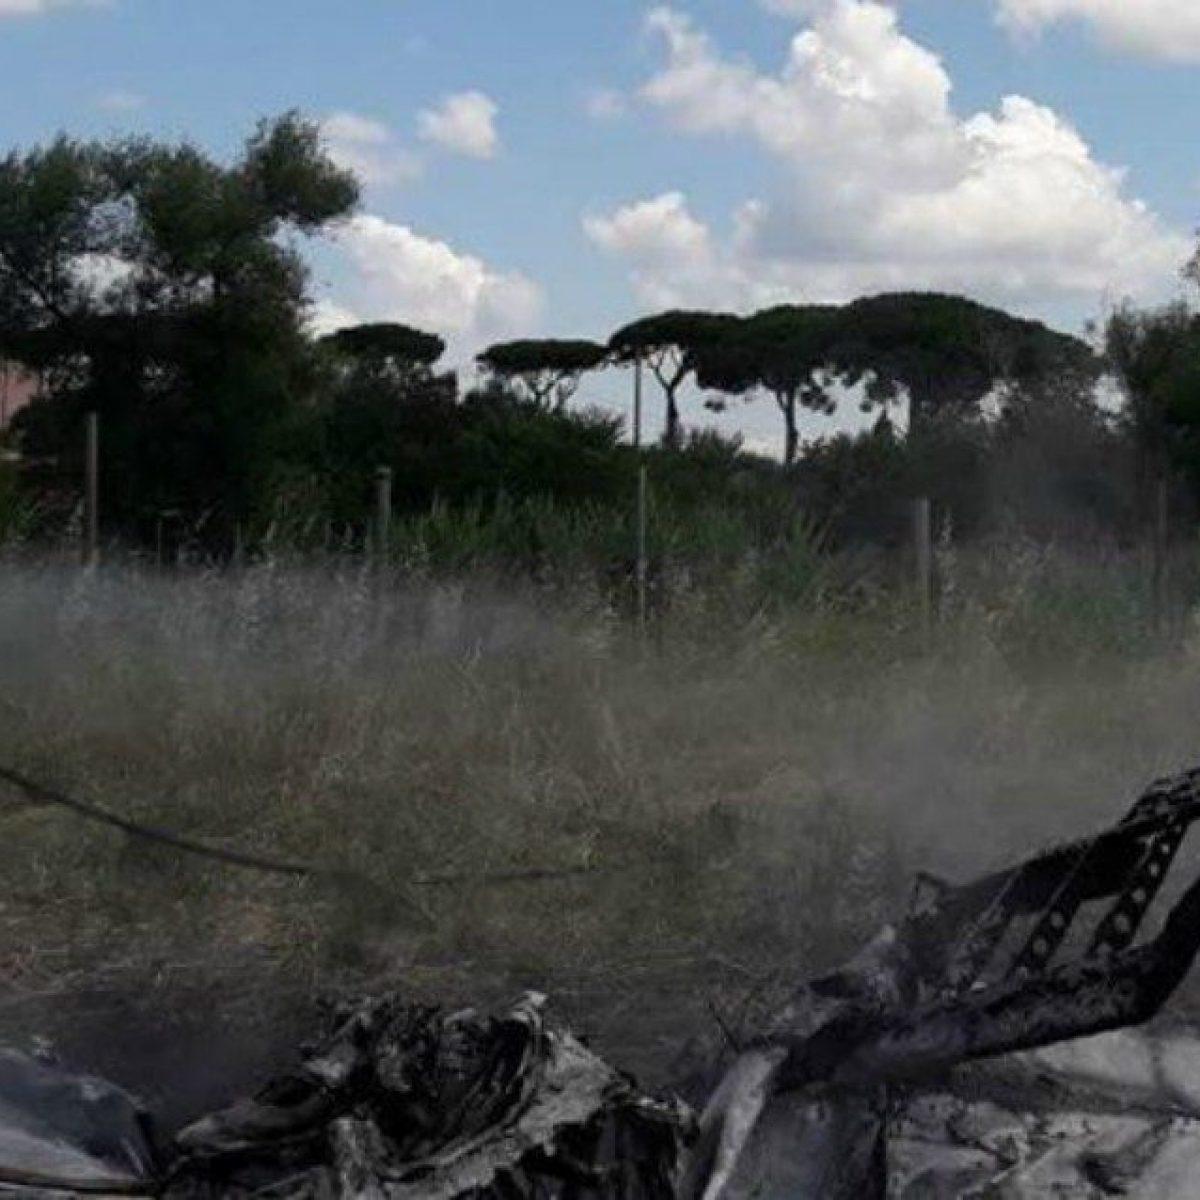 Incidente Aereo A Nettuno Ultraleggero Cade E Prende Fuoco Morti Pilota E Passeggero